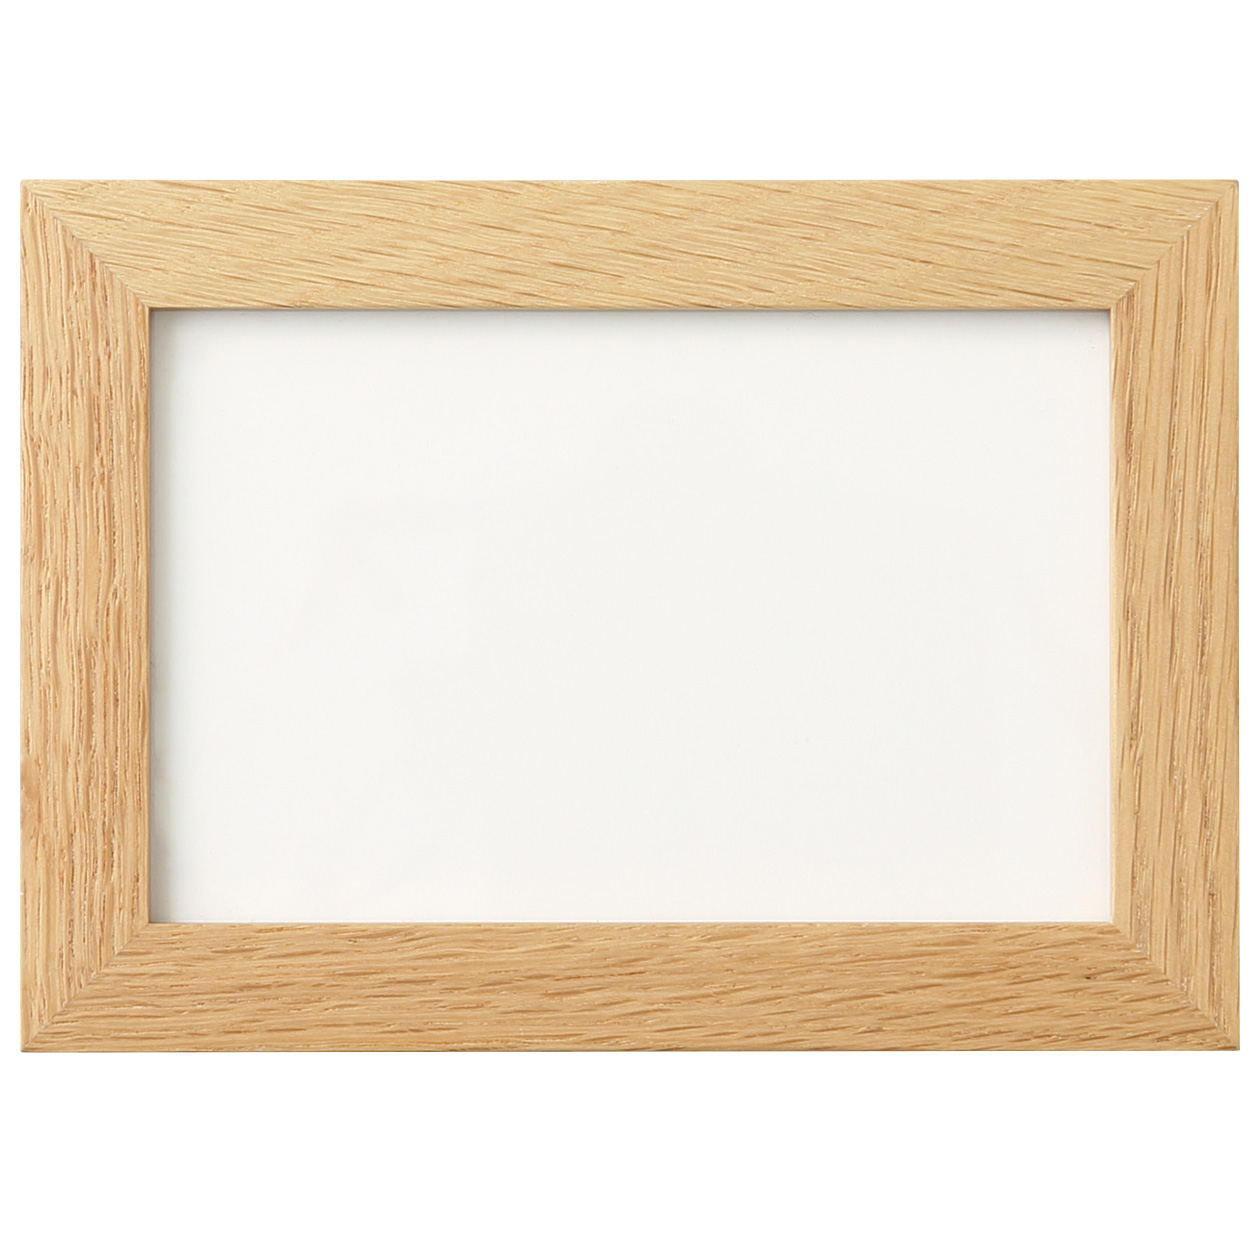 壁に付けられるフレーム・はがきサイズ用・オーク材の写真